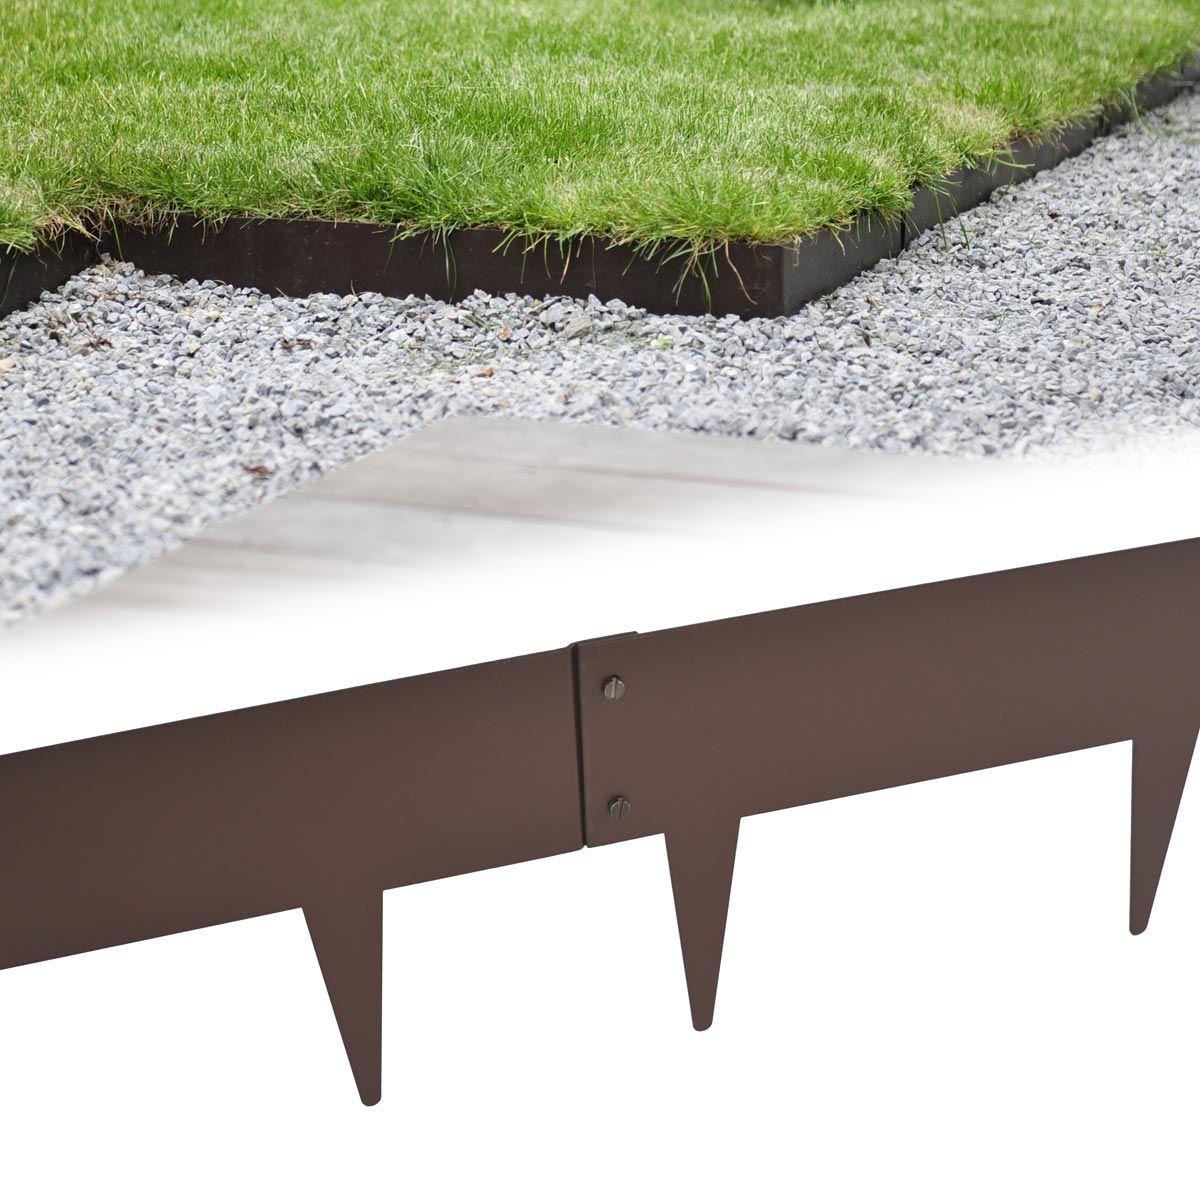 des bordures souples en acier pour une finition au carr les graviers envahissent la pelouse. Black Bedroom Furniture Sets. Home Design Ideas